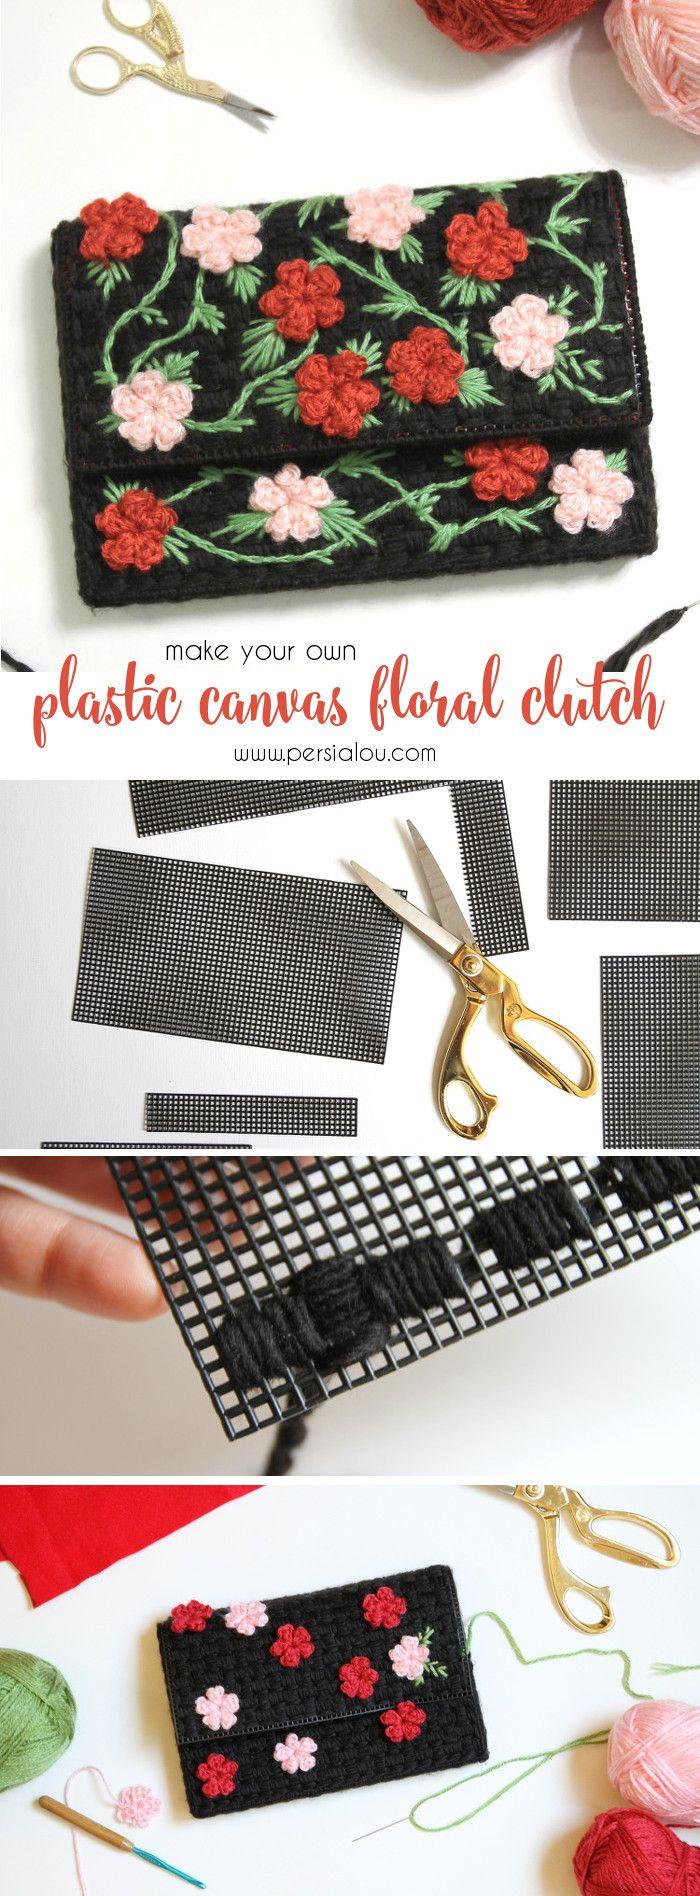 best 25+ diy clutch ideas on pinterest | diy bags clutch, diy